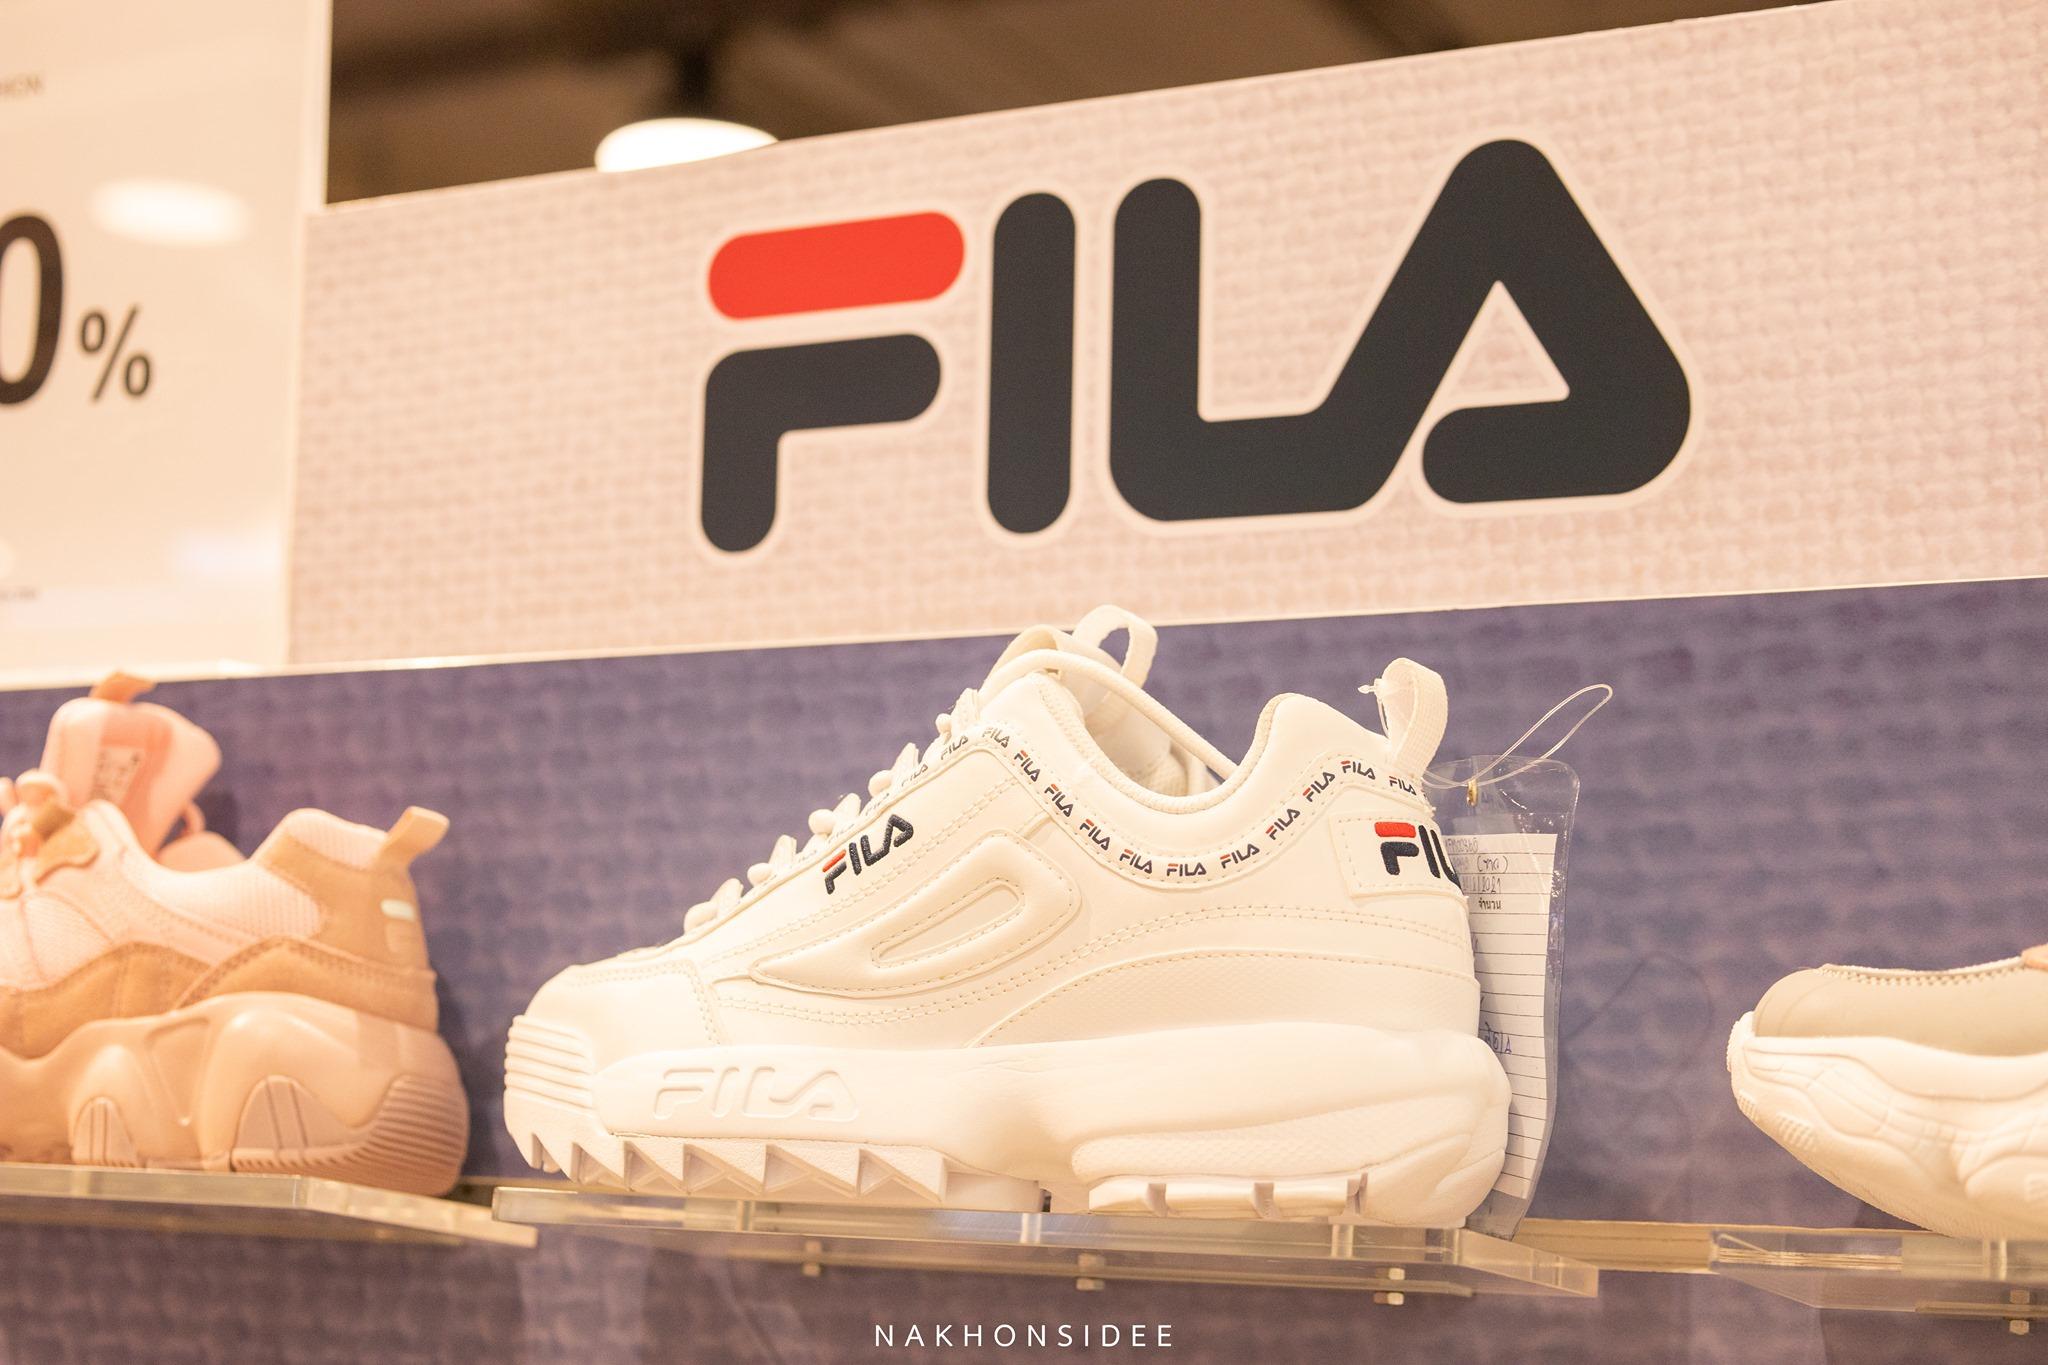 FILA รองเท้าสุดสวยมินิมอล-สนีกเกอร์-Fila-อัปเปอร์ทำจากวัสดุสังเคราะห์บุนุ่มรอบข้อเท้าและลิ้นรองเท้าพื้นรองเท้าทำจาก-EVA-มีน้ำหนักเบาและรองรับแรงกระแทกอย่างนุ่มนวล พื้นรองเท้าด้านนอกเป็นยางที่ทนทาน  ราคาปกติ-2990-ลด-15--เหลือ-2542-บาทเท่านั้น โรบินสัน,นครศรีธรรมราช